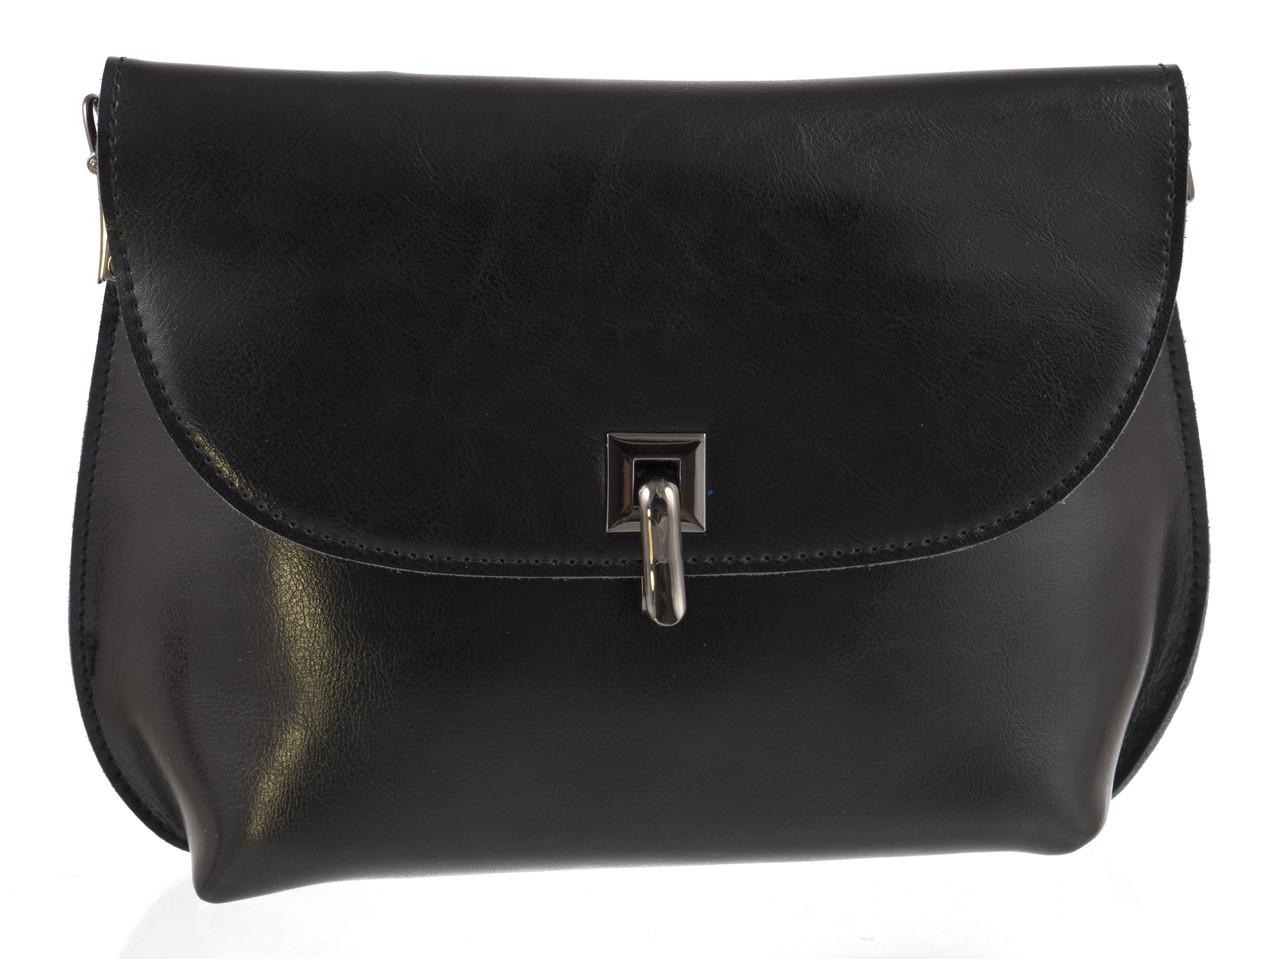 Стильная небольшая женская кожаная сумка высокого качества с масляной кожи art. 882 черный